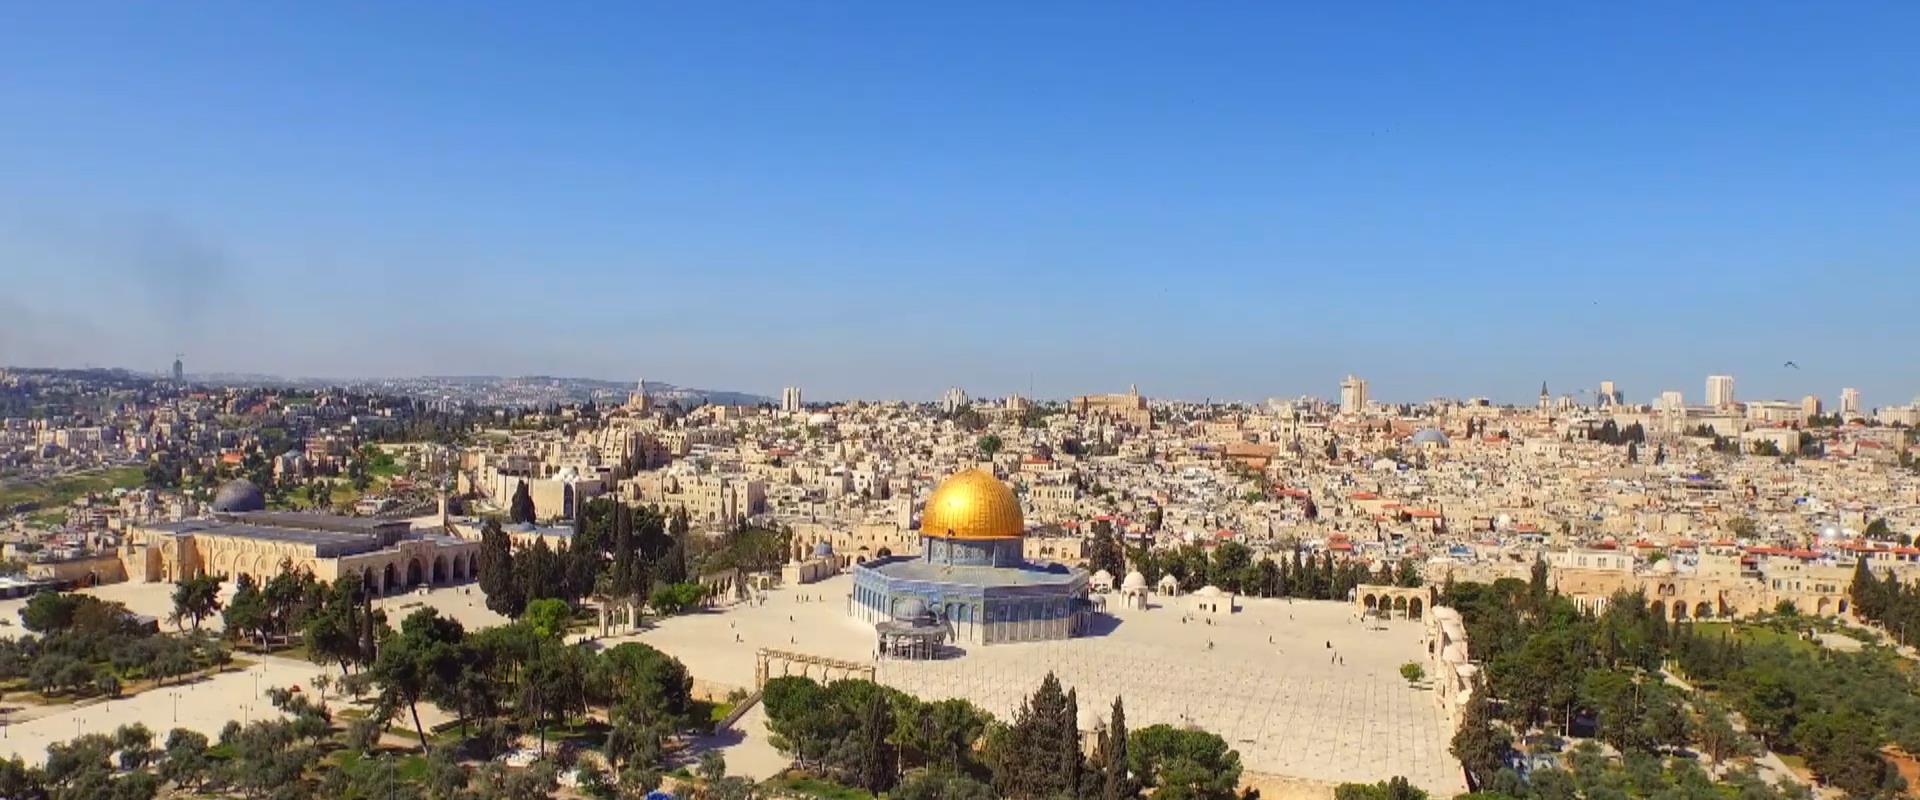 איסלאם בארץ הקודש - اسلام في أرض إسرائيل - פרק 11